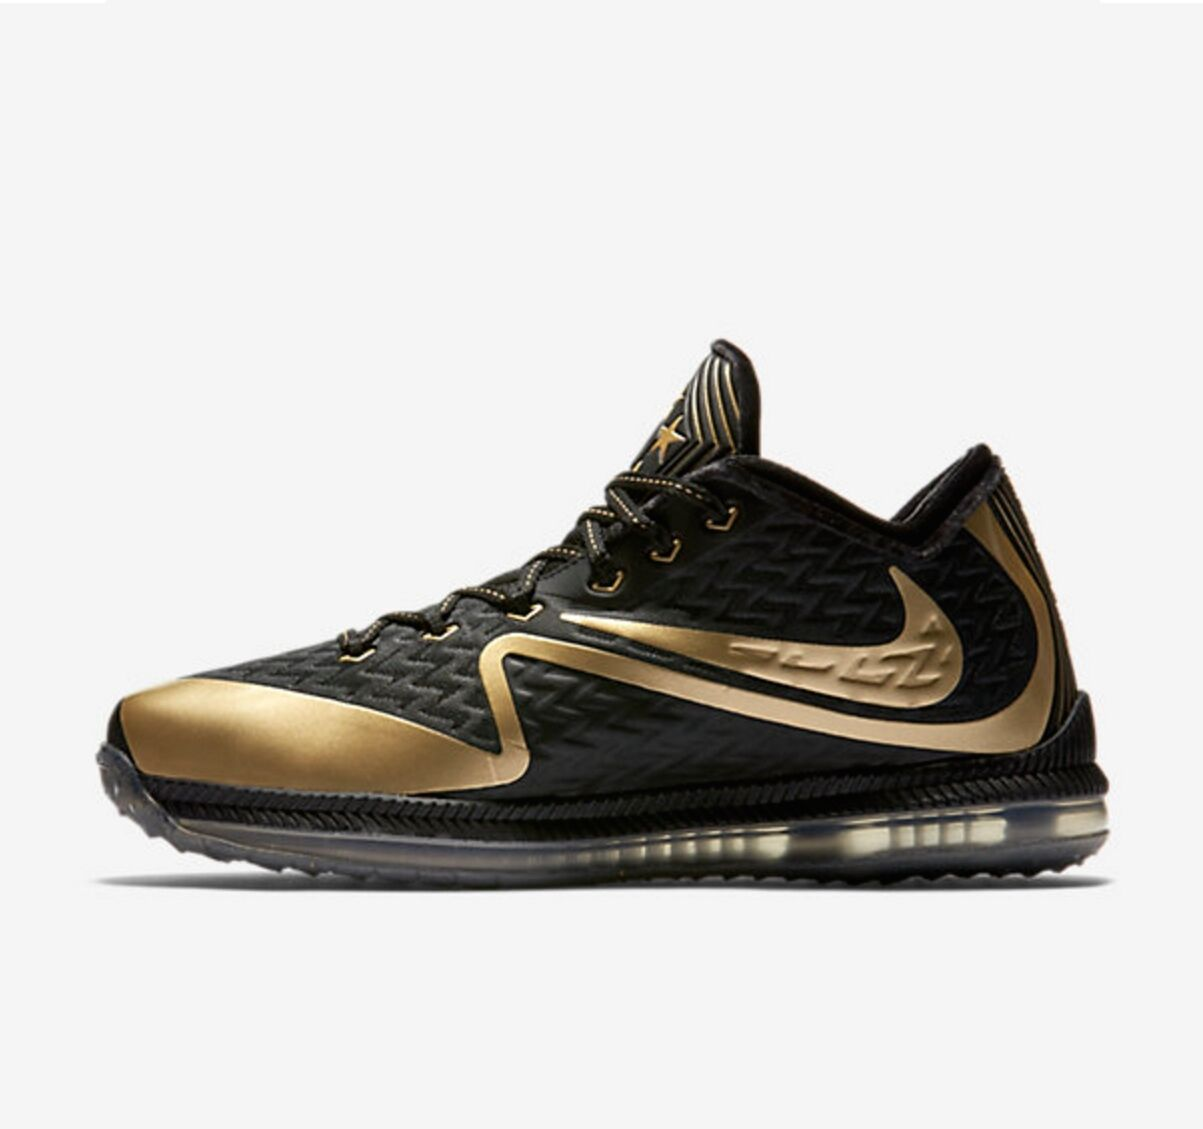 Gli Uomini Sono Nike Campo Generale 2 (Nfl) Sb50 Nero Oro Metallico Sz 15 Nuovi 824471 070